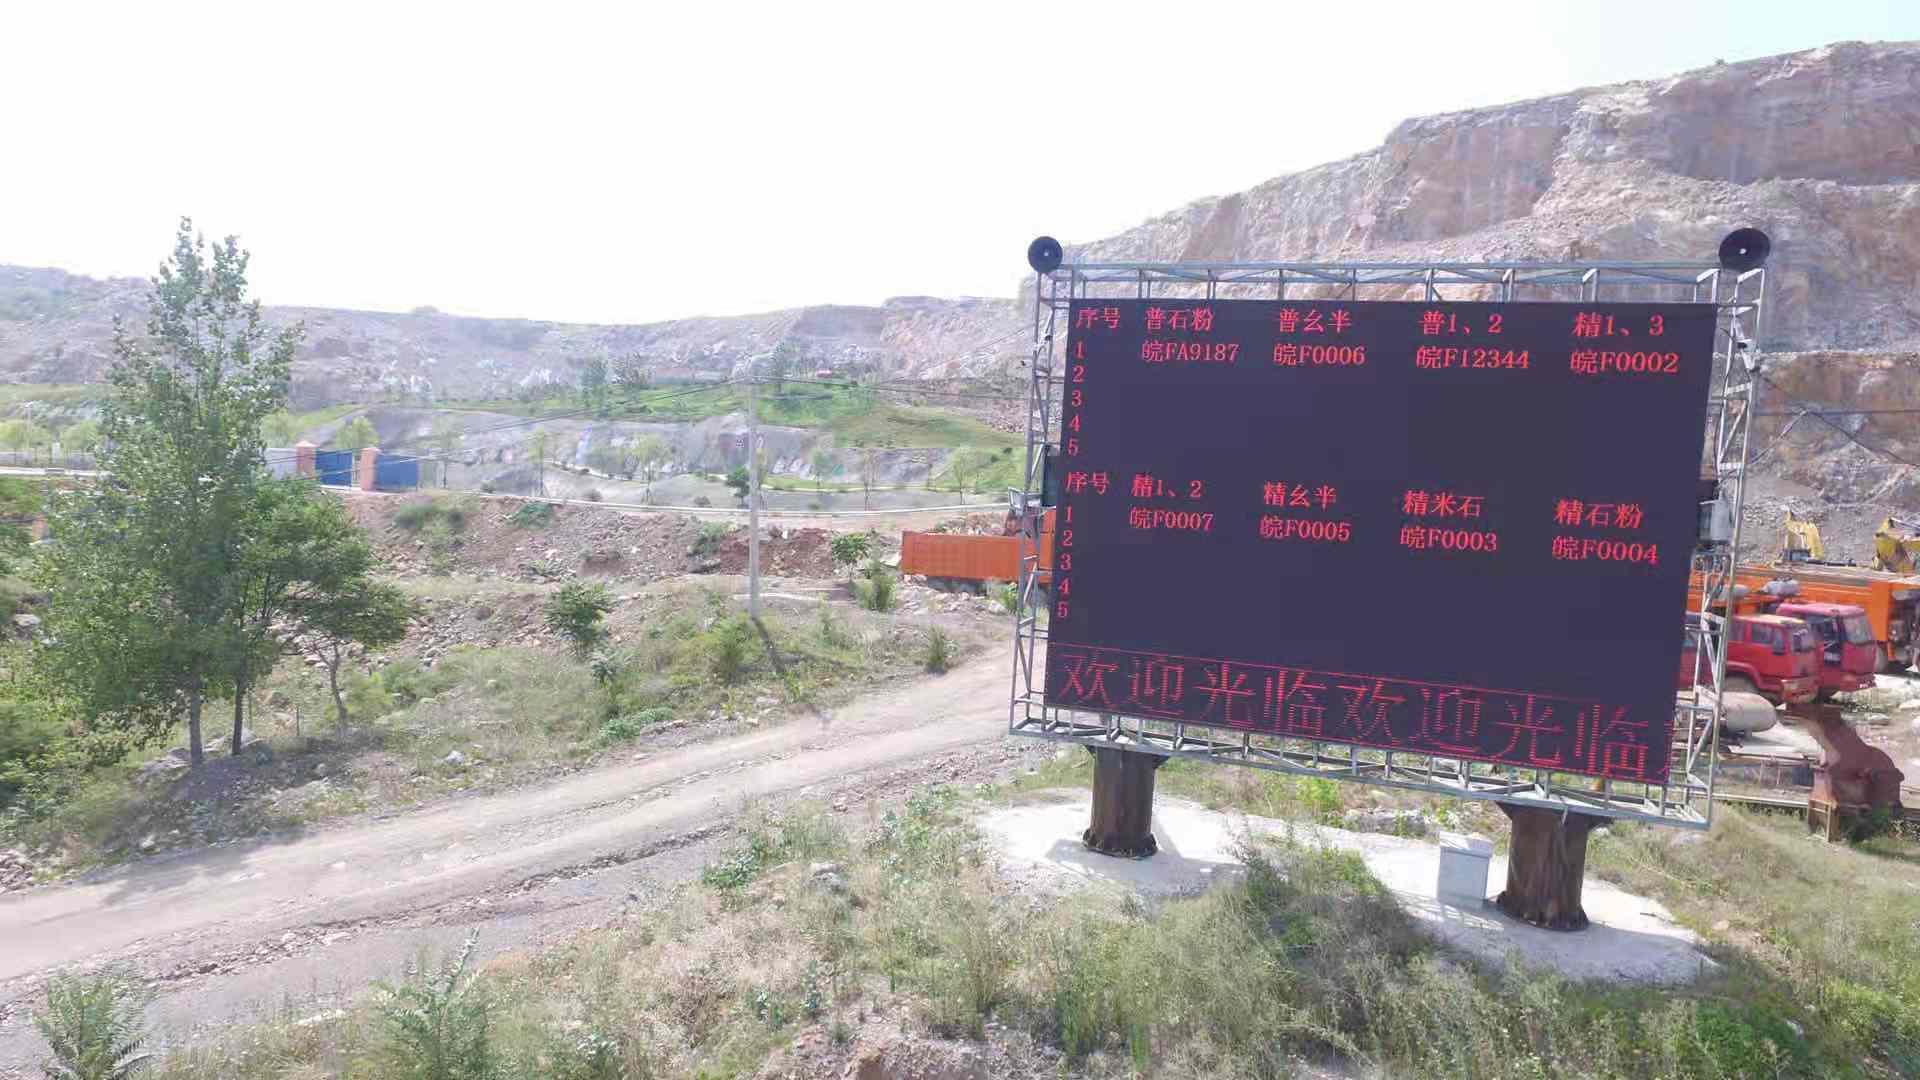 粮食收购电子地磅称重软件-郑州哪里有优惠的粮食收购系统供应